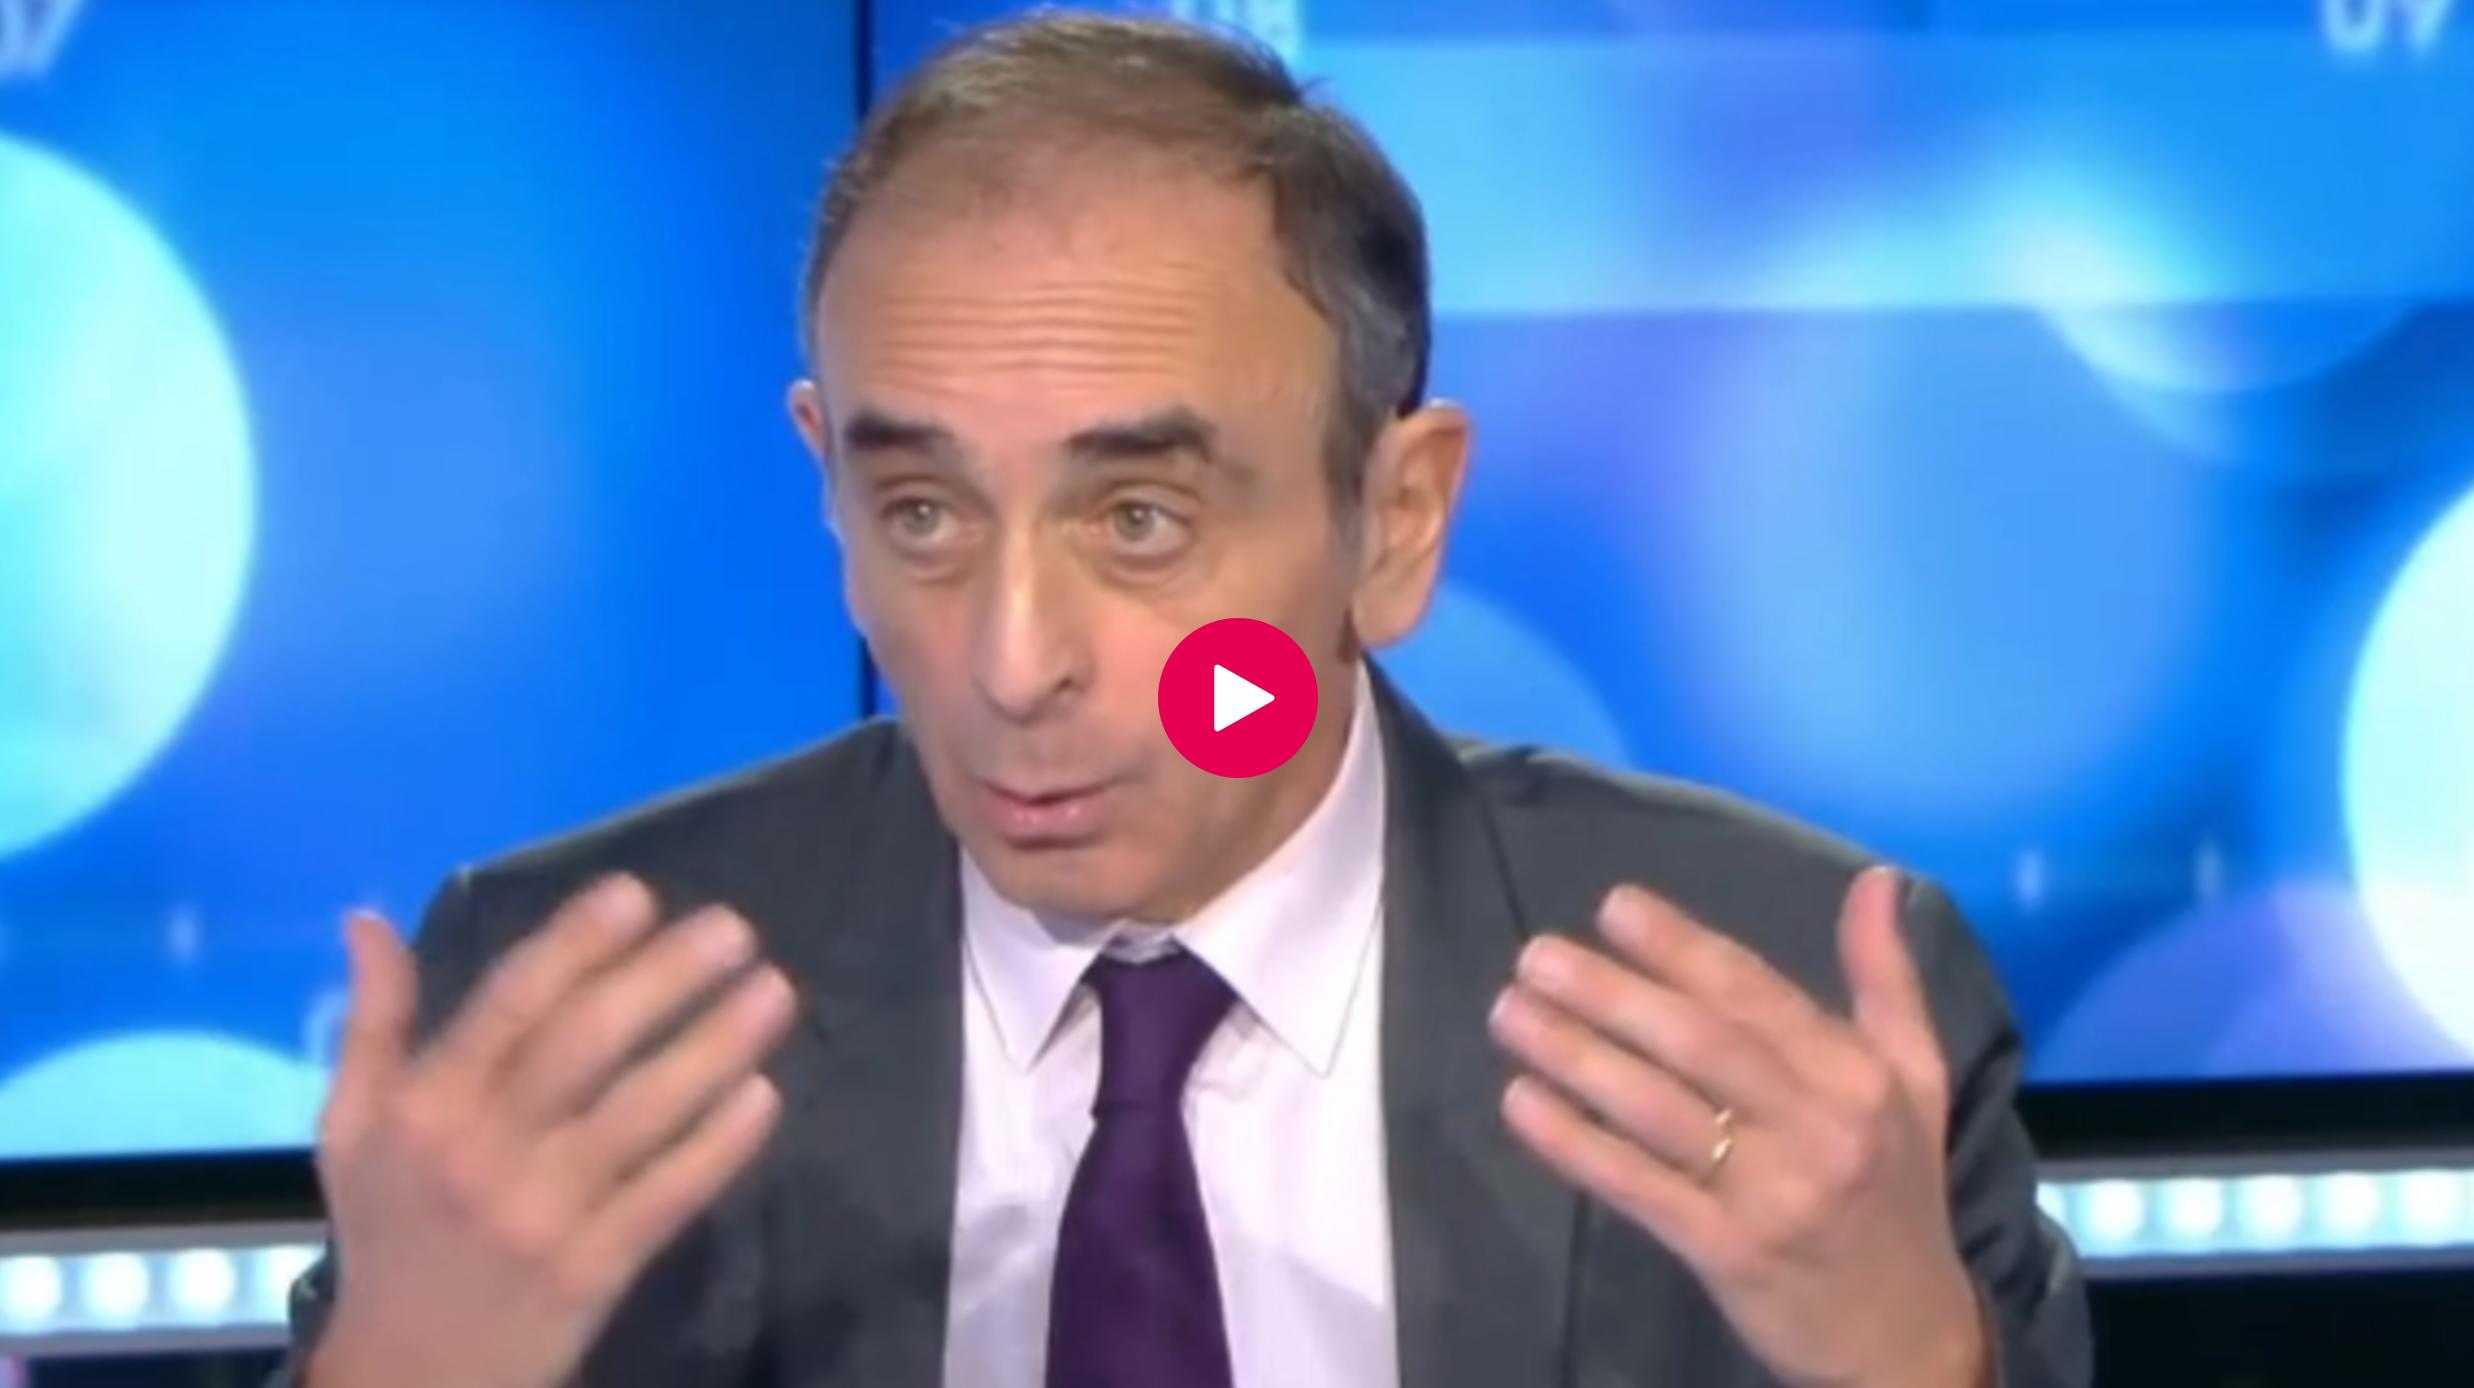 """François, auditeur de RMC à propos d'une candidature Éric Zemmour : """"C'est sûr, il dérange"""" (VIDÉO)"""